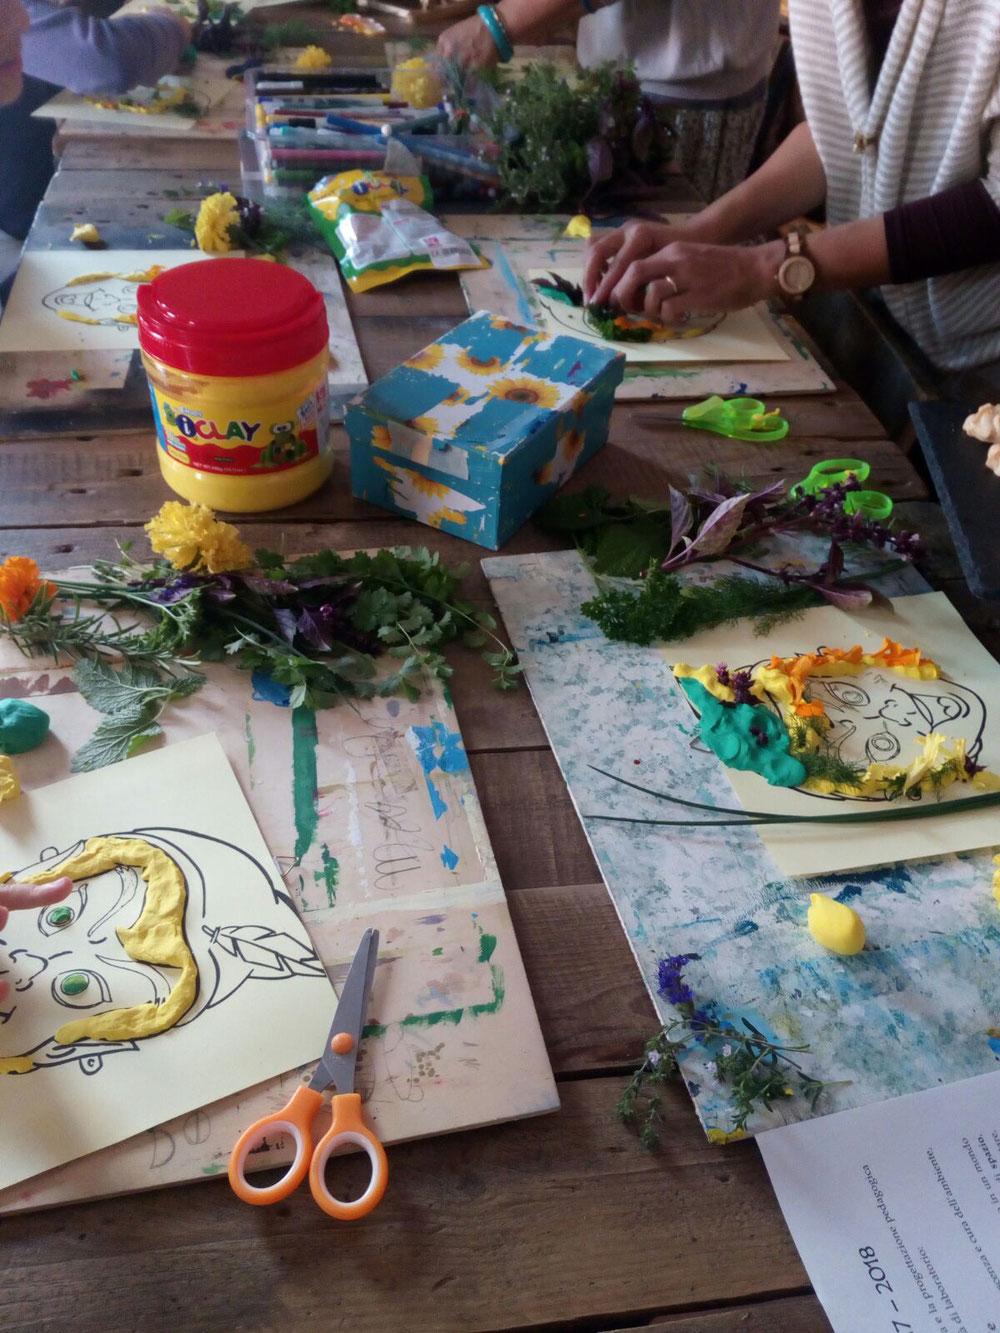 Laboratorio creativo di Piter Pan con le erbe aromatiche